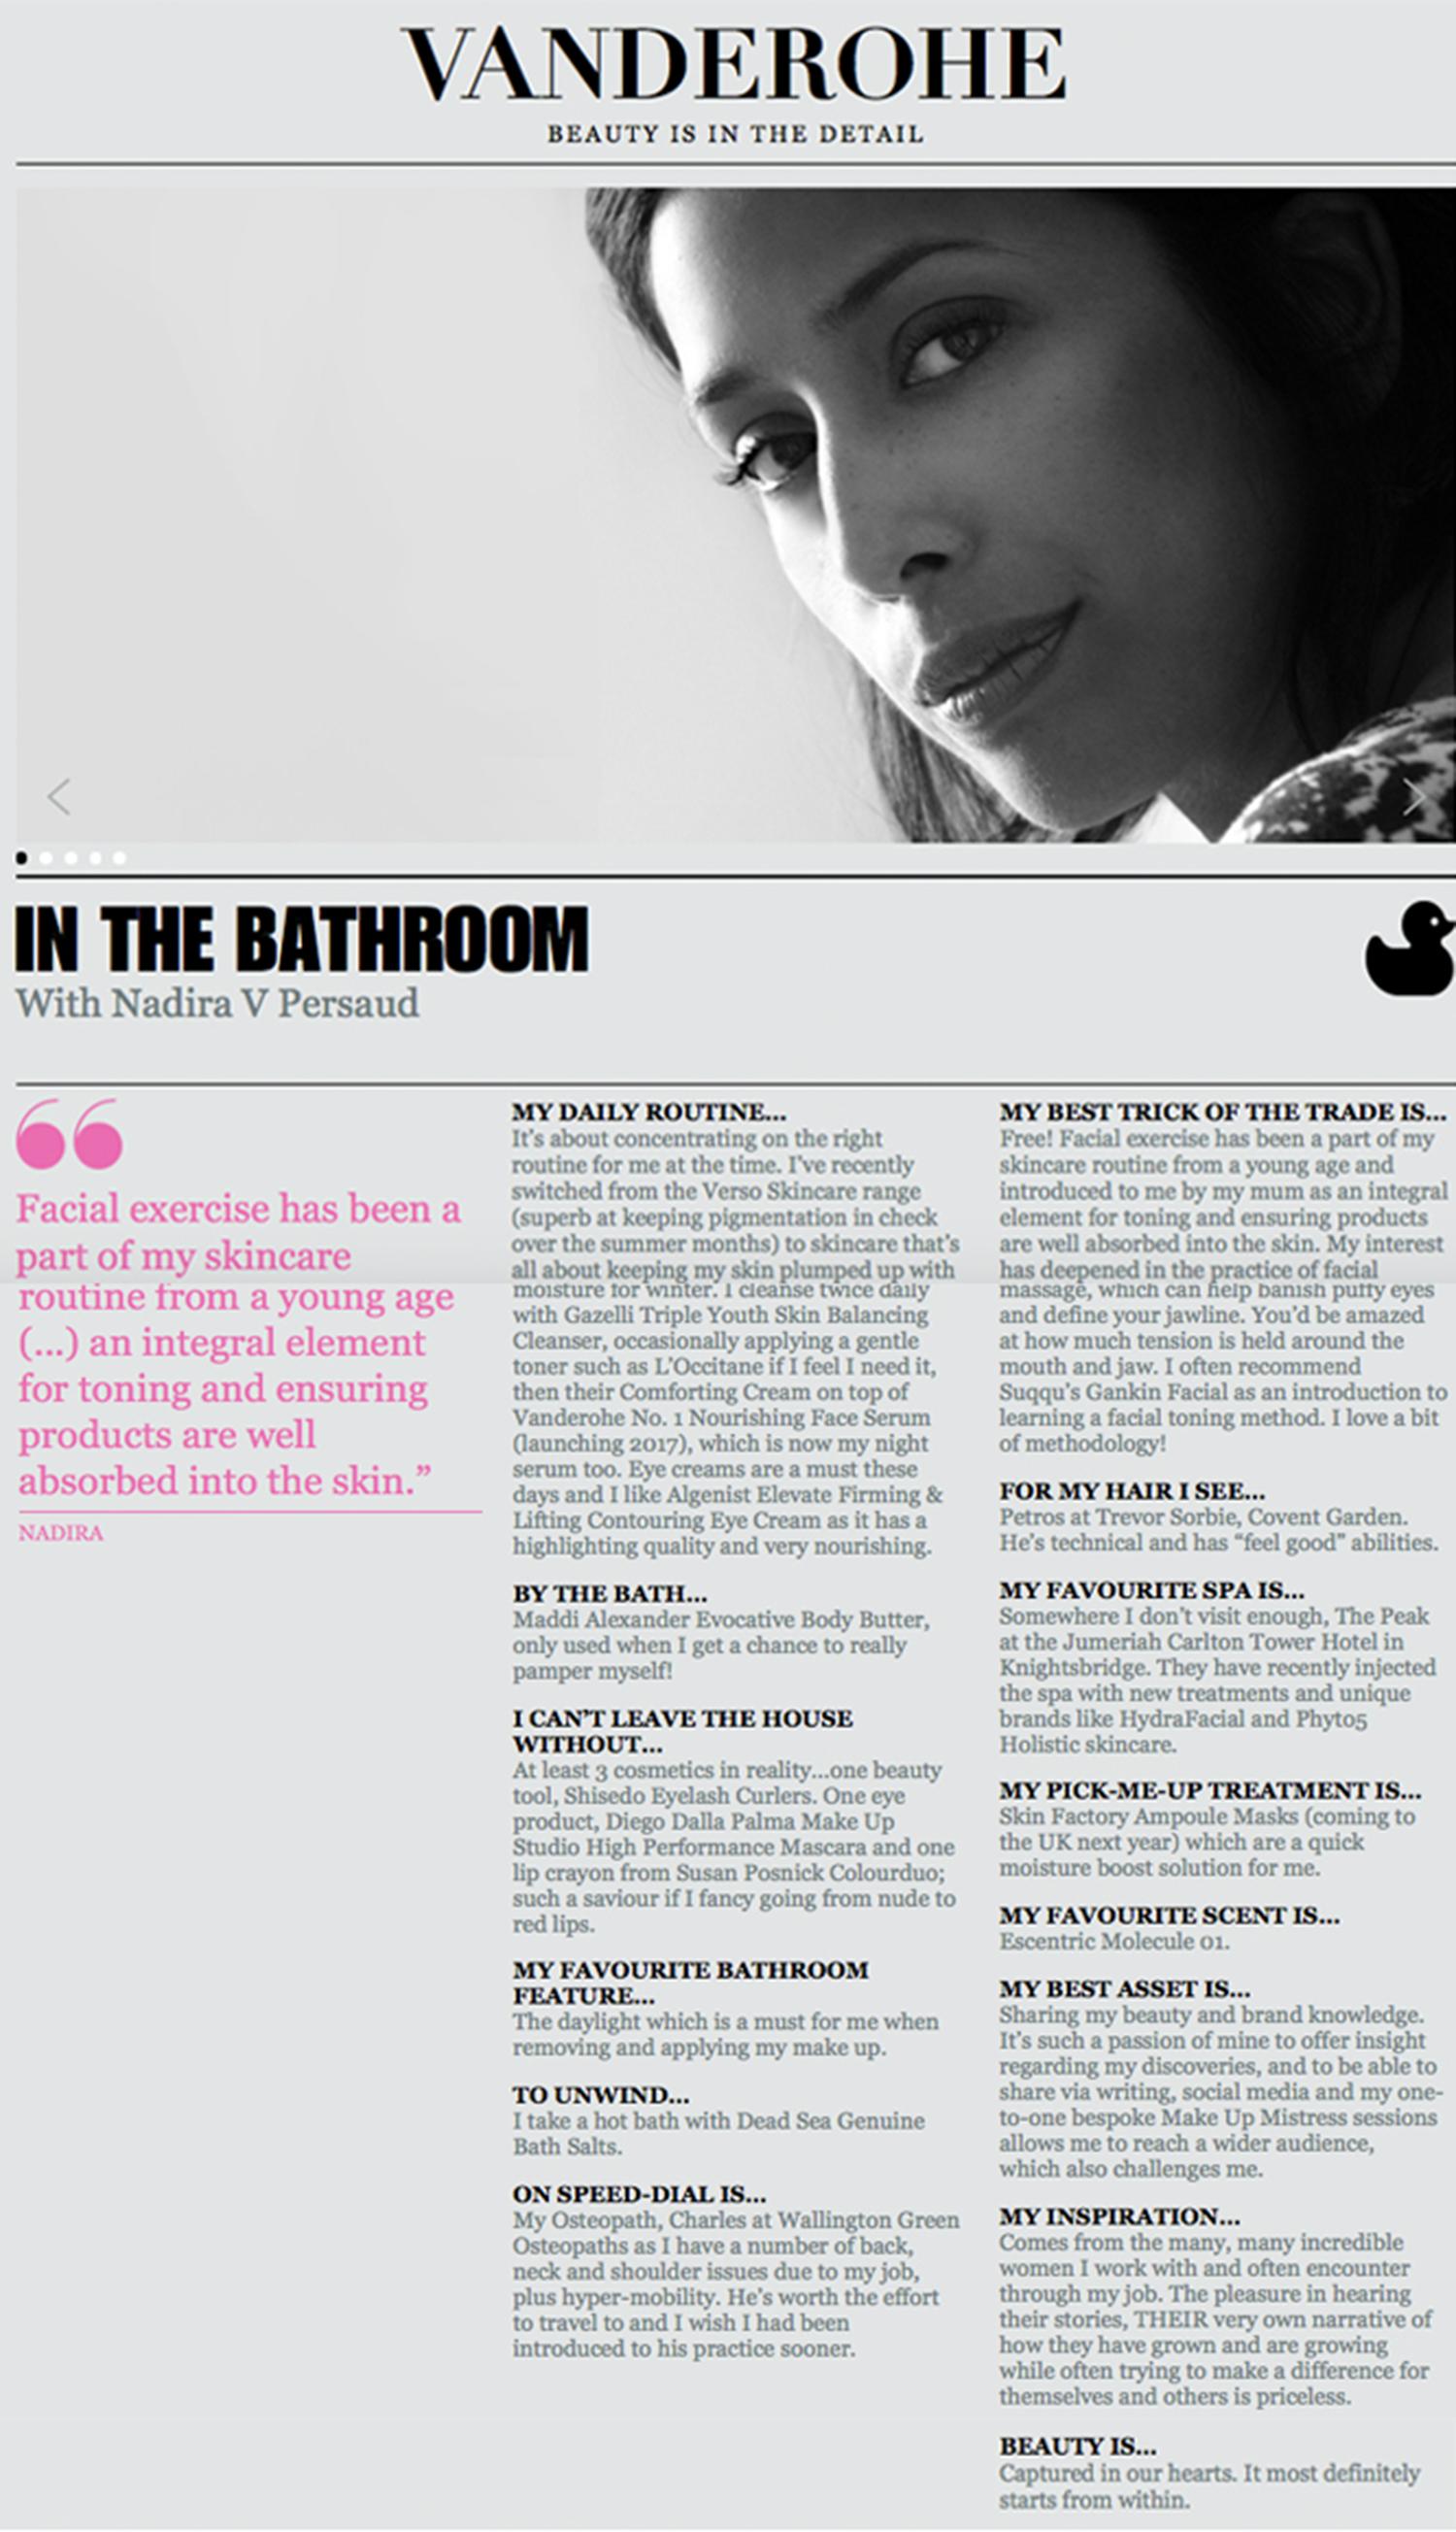 Vanderohe - In the Bathroom